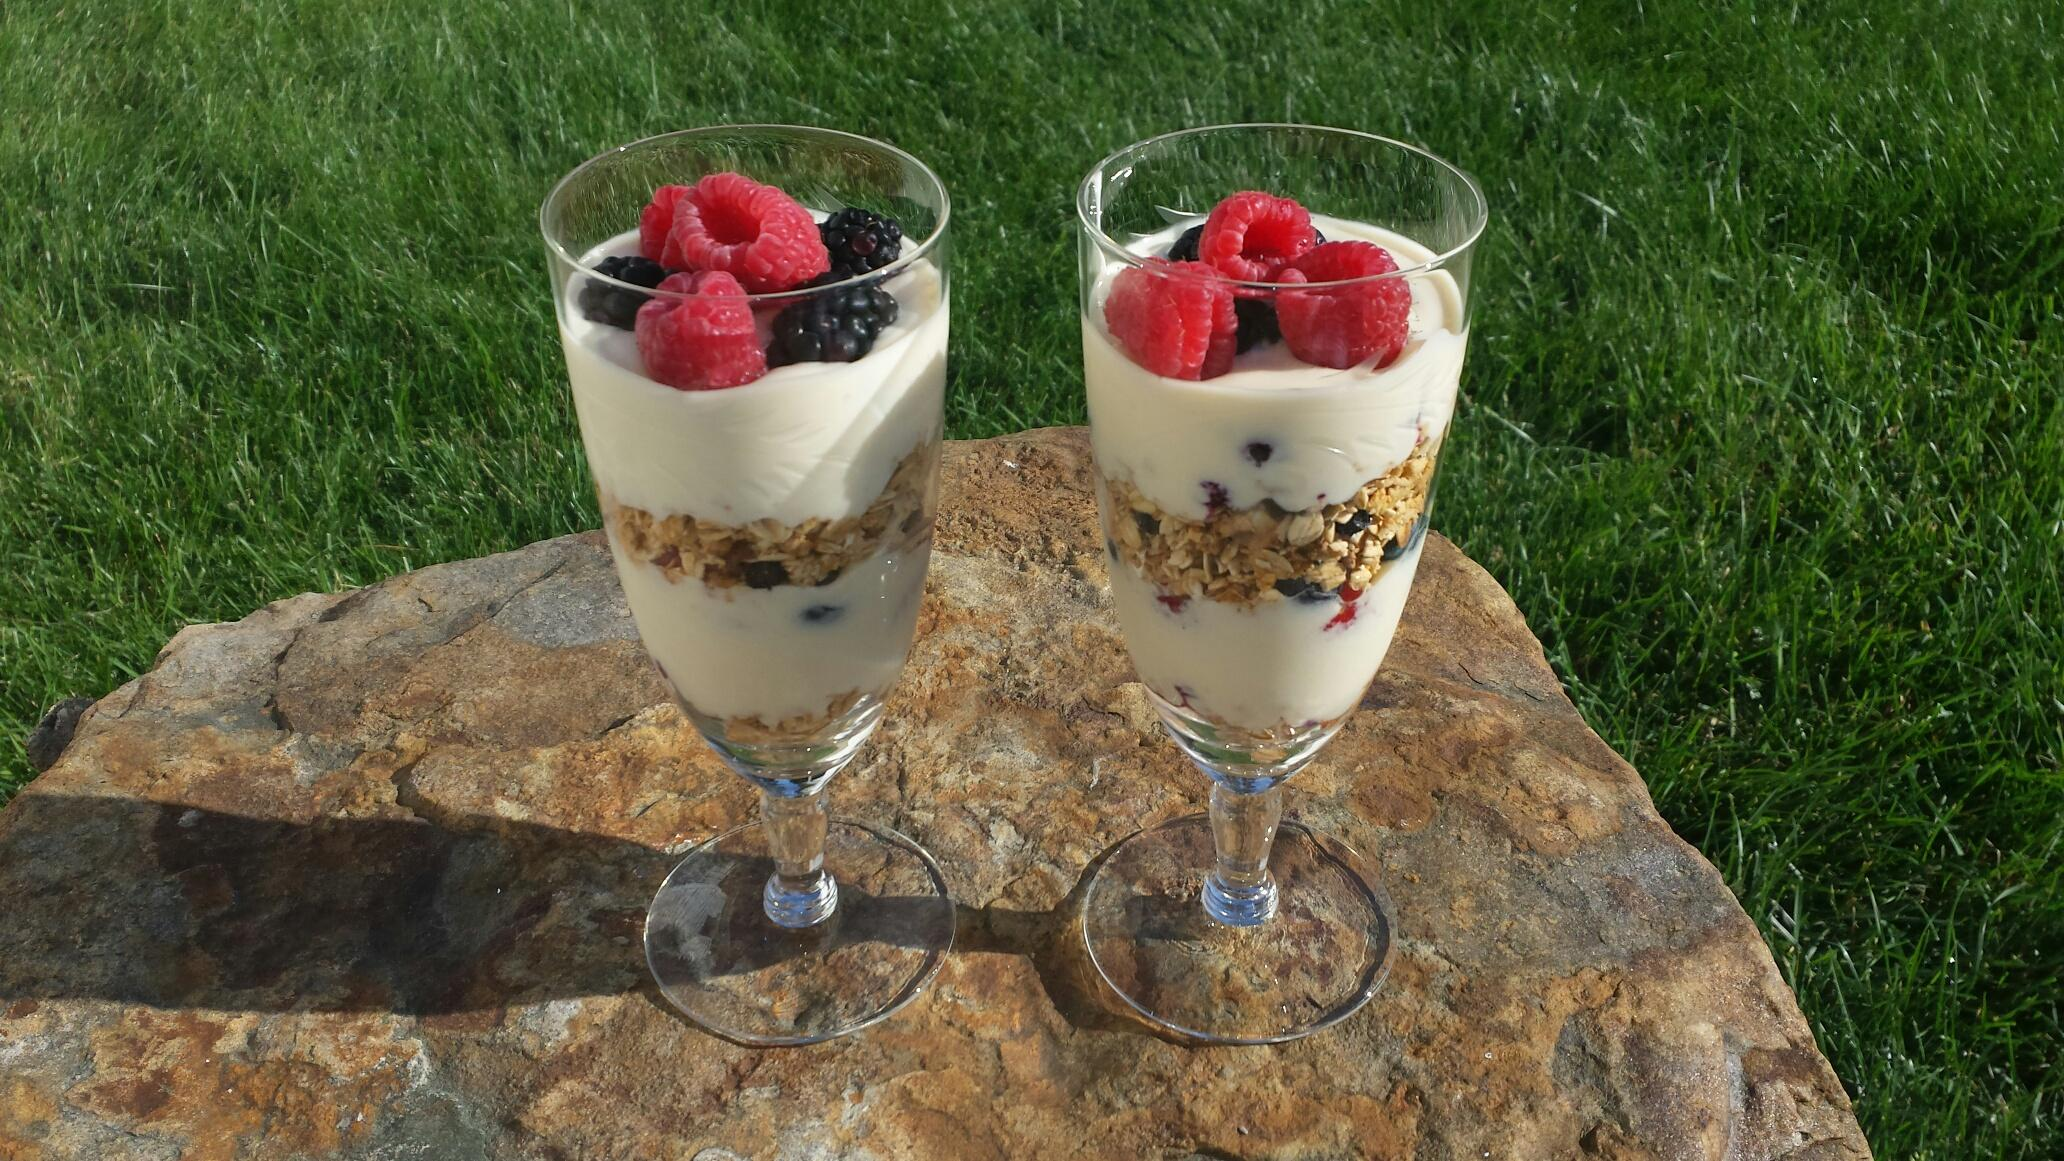 Йогурт снижает риск сердечно-сосудистых заболеваний